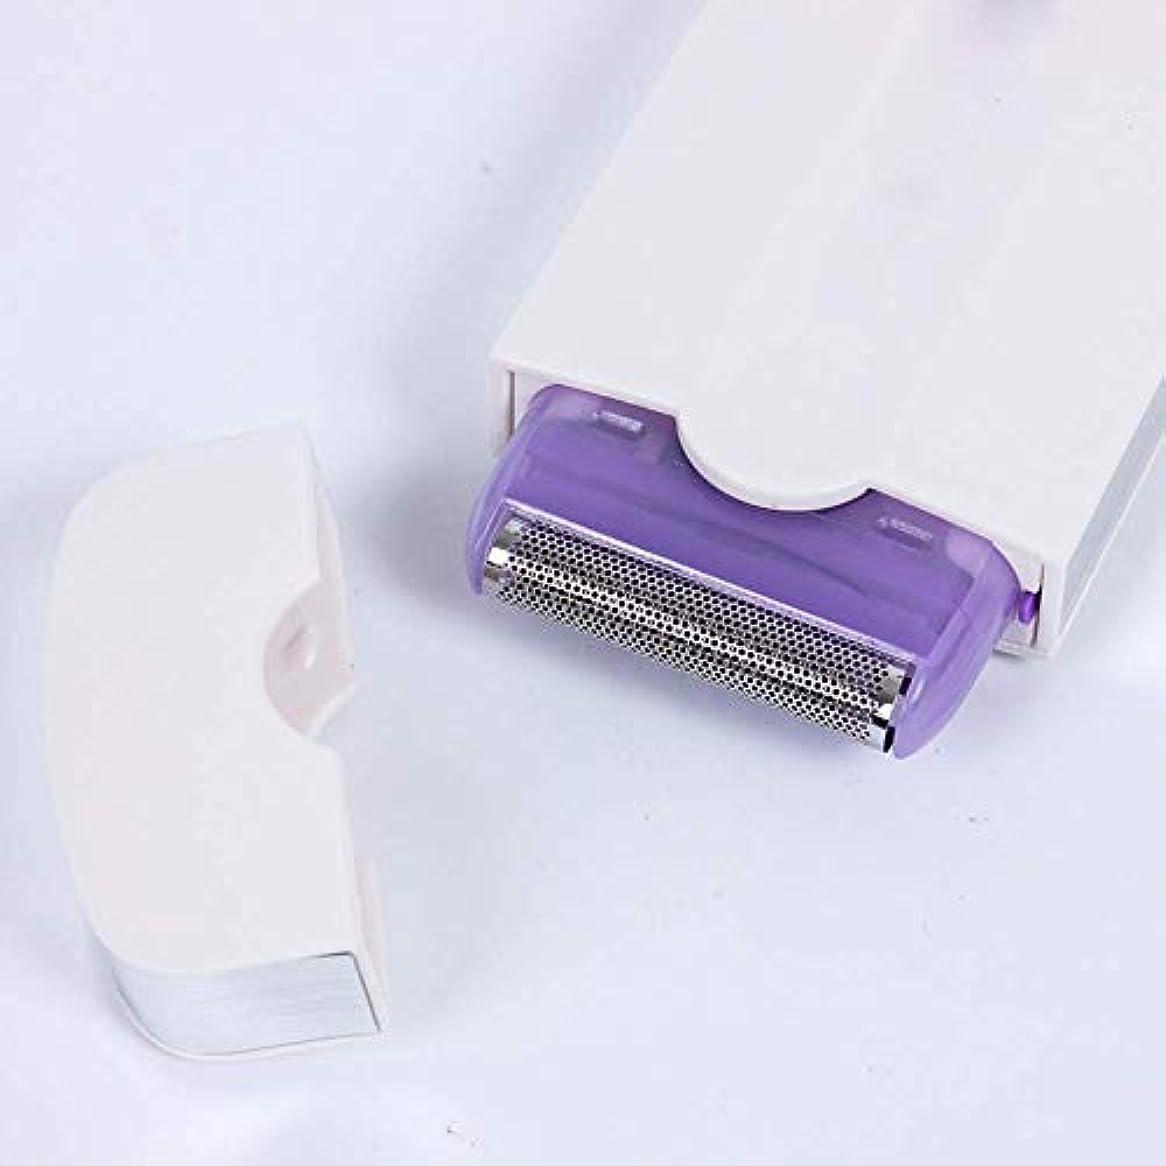 スケッチ切り下げ専門知識女性脱毛器の無痛のためのブルーレイ脱毛器 …